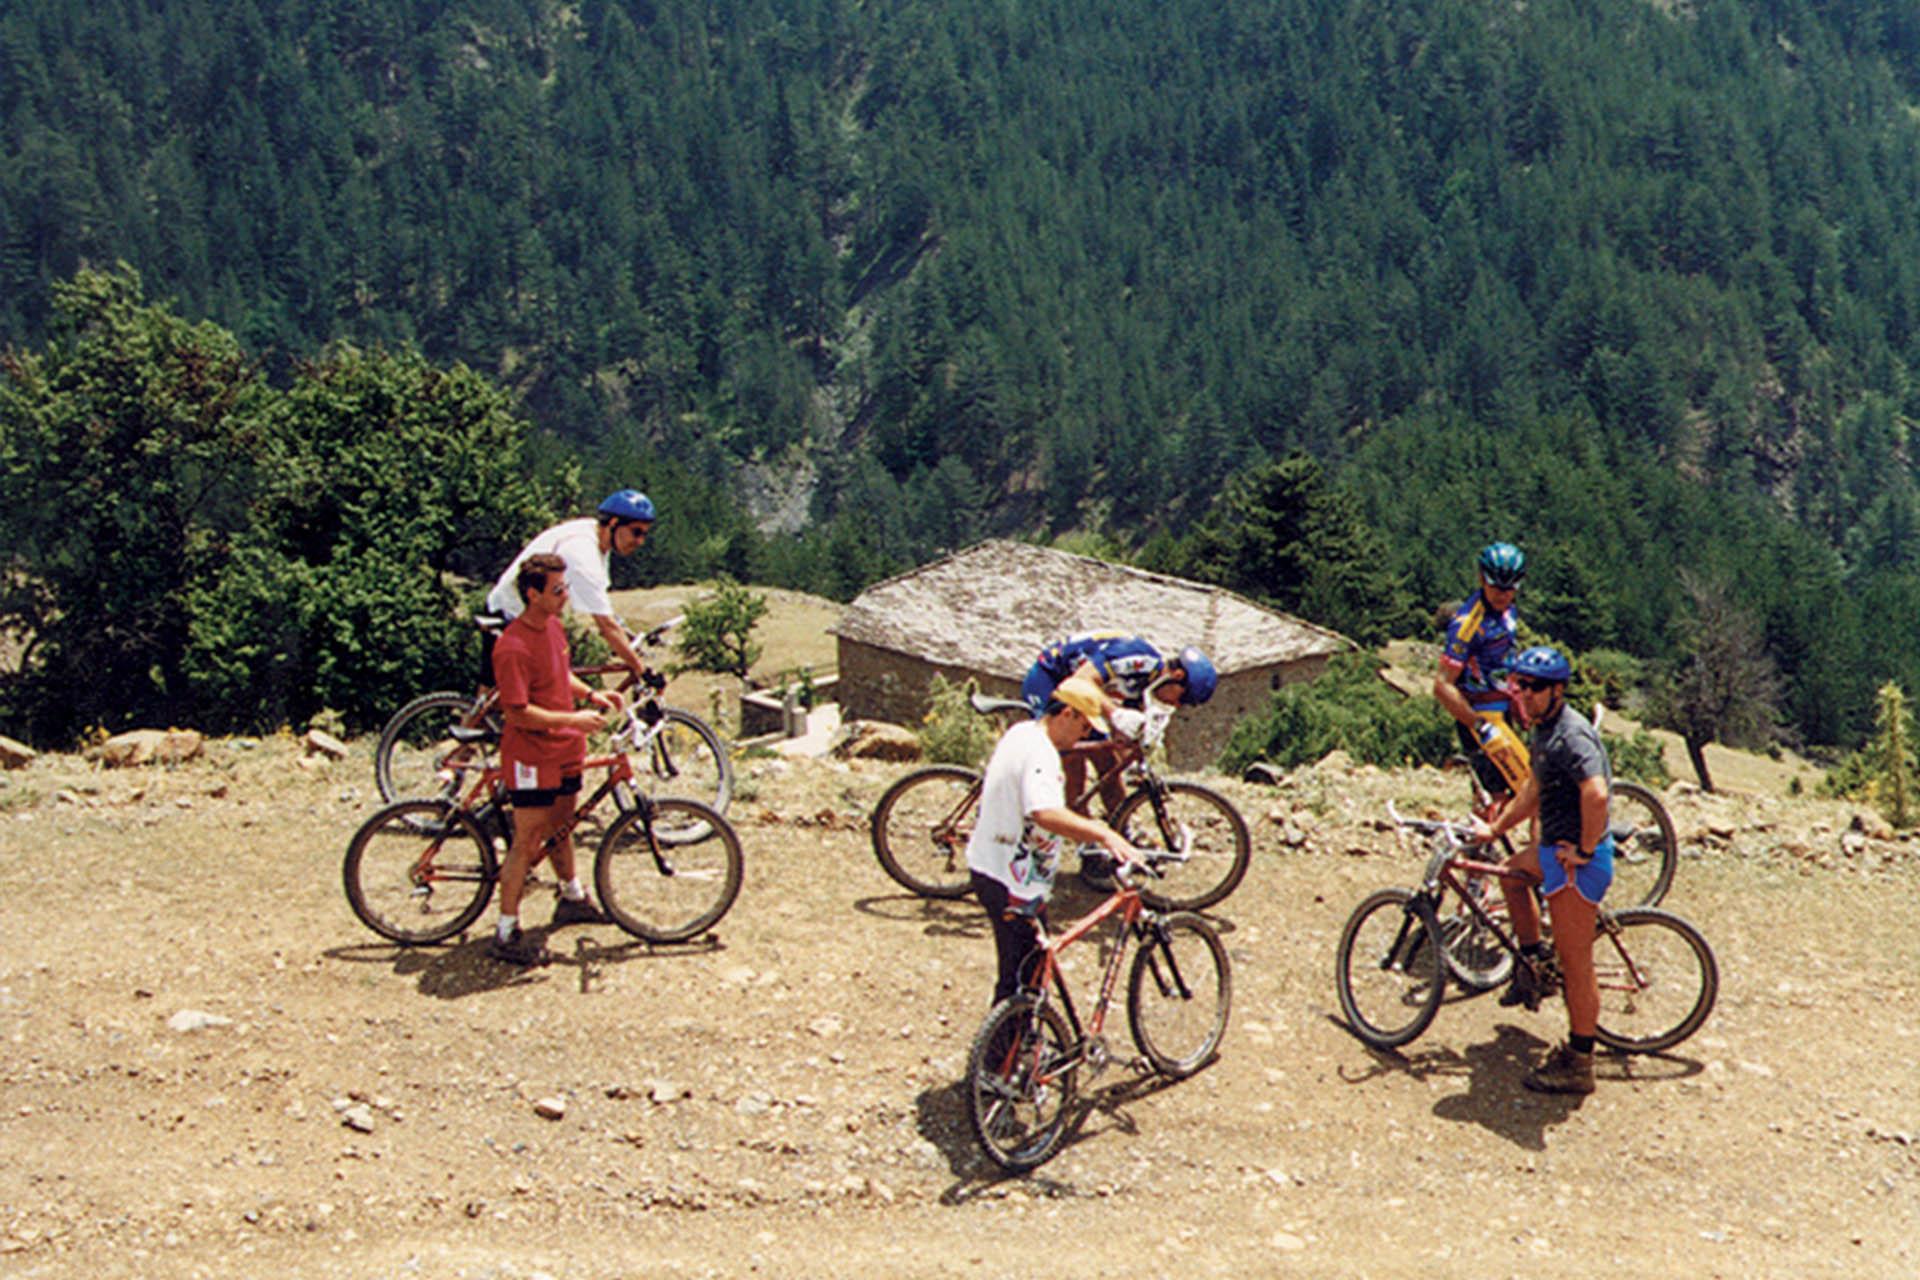 Moutanin Biking in Tzoumerka/Ορεινή ποδηλασία στα Τζουμέρκα